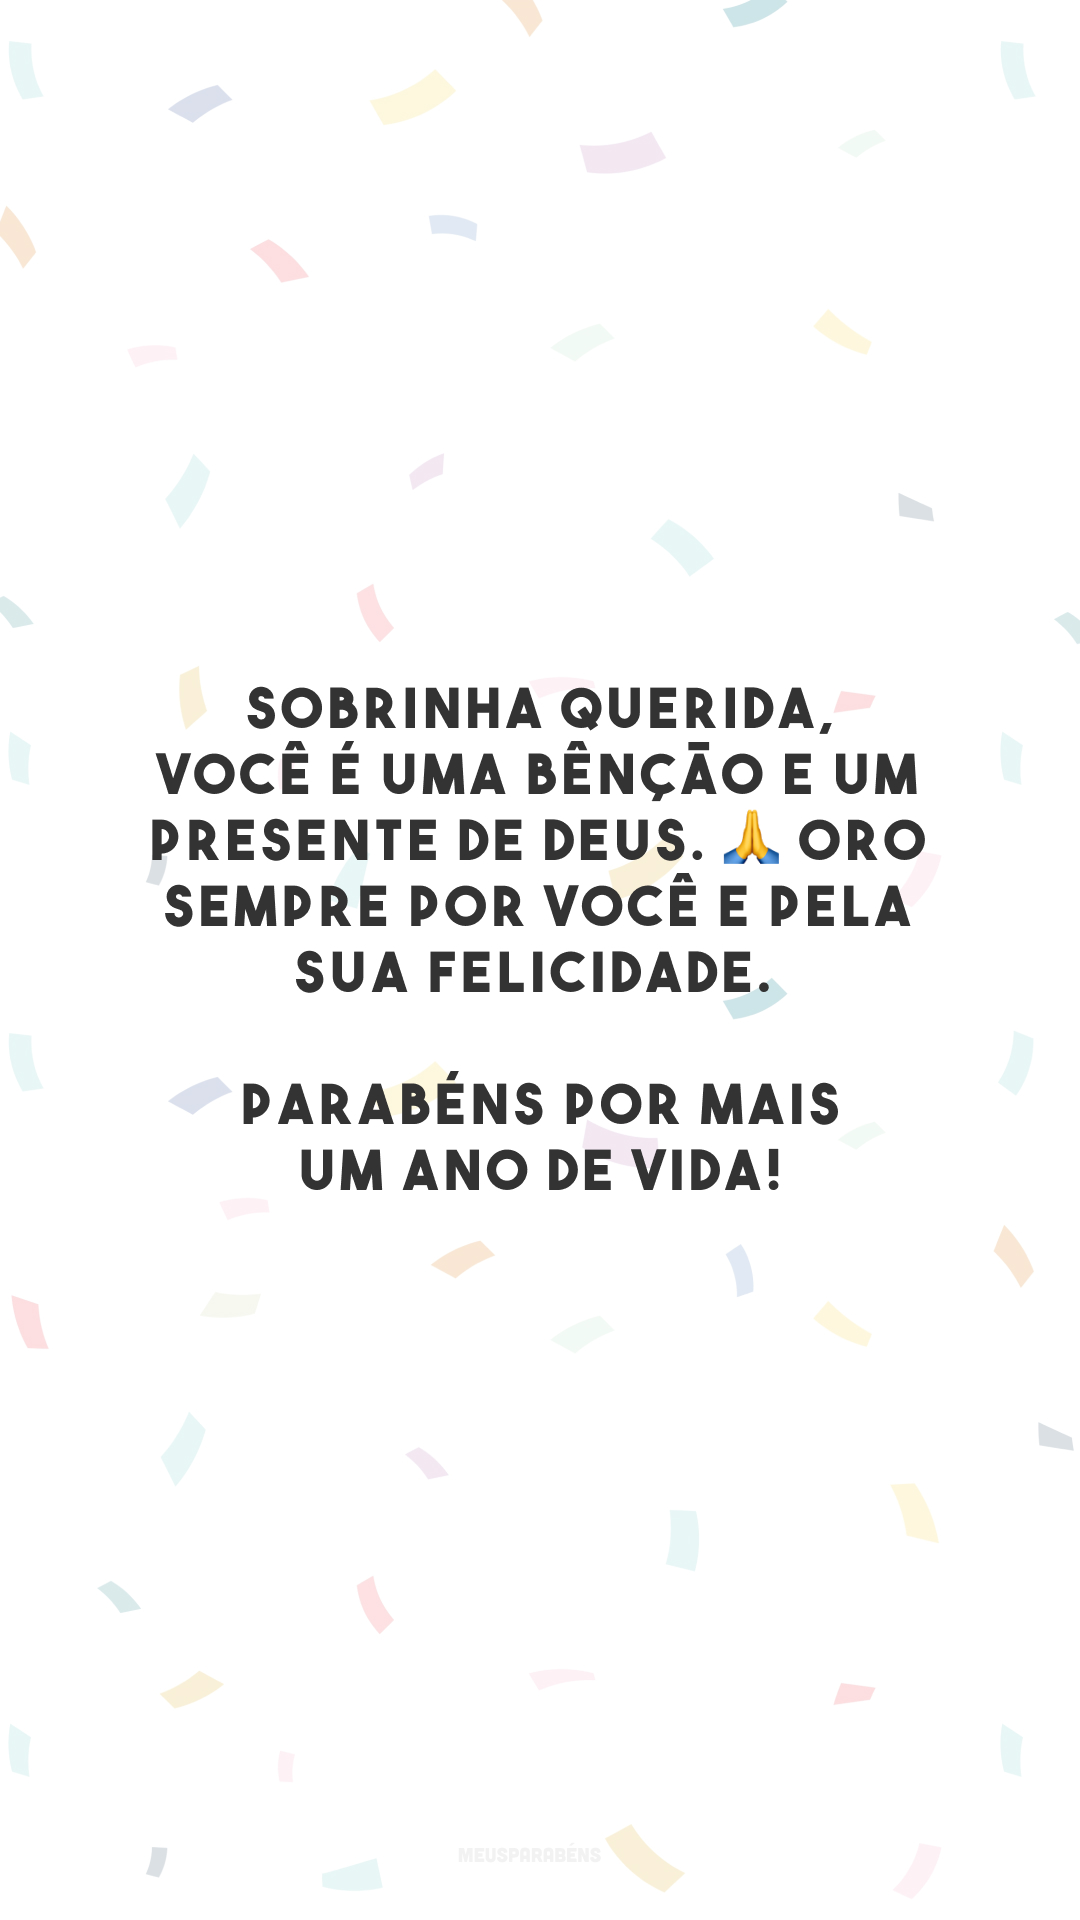 Sobrinha querida, você é uma bênção e um presente de Deus. 🙏 Oro sempre por você e pela sua felicidade. Parabéns por mais um ano de vida!